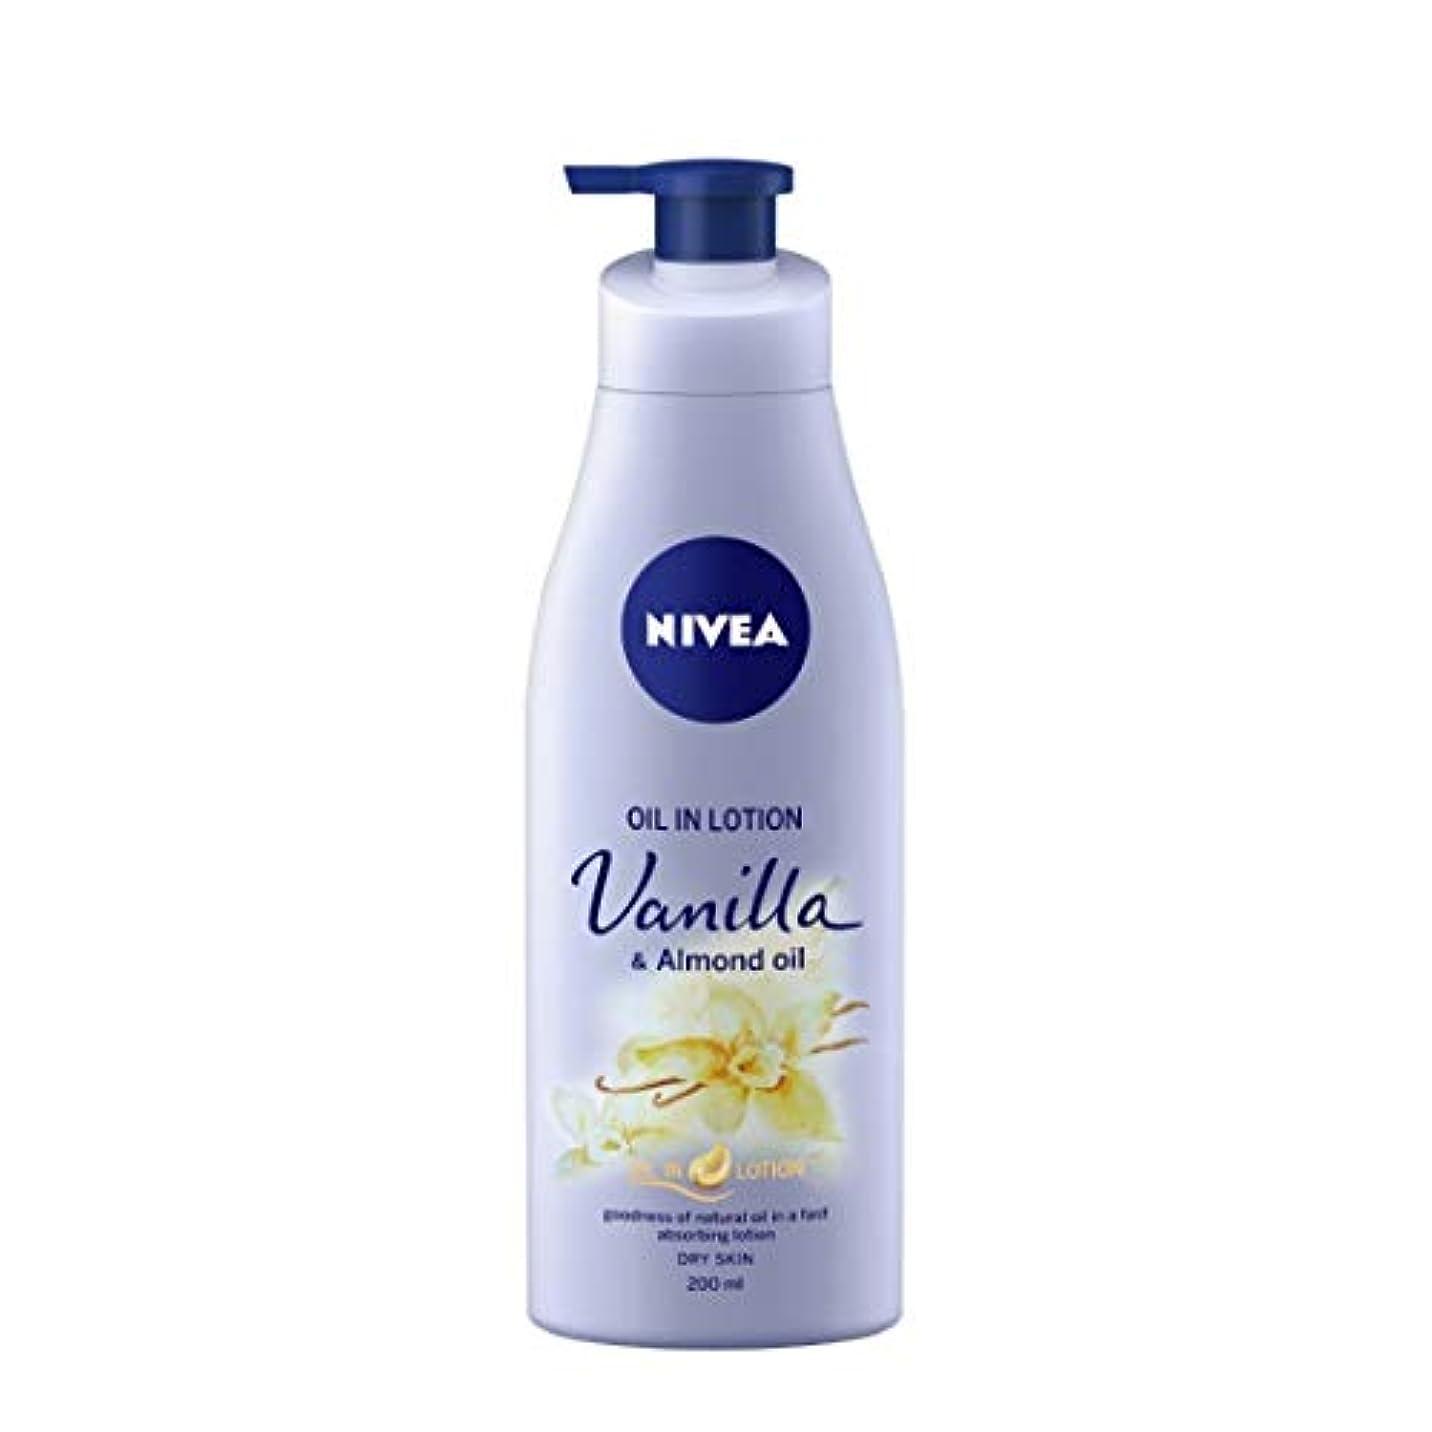 本部ゲーム予想するNIVEA Oil in Lotion, Vanilla and Almond Oil, 200ml